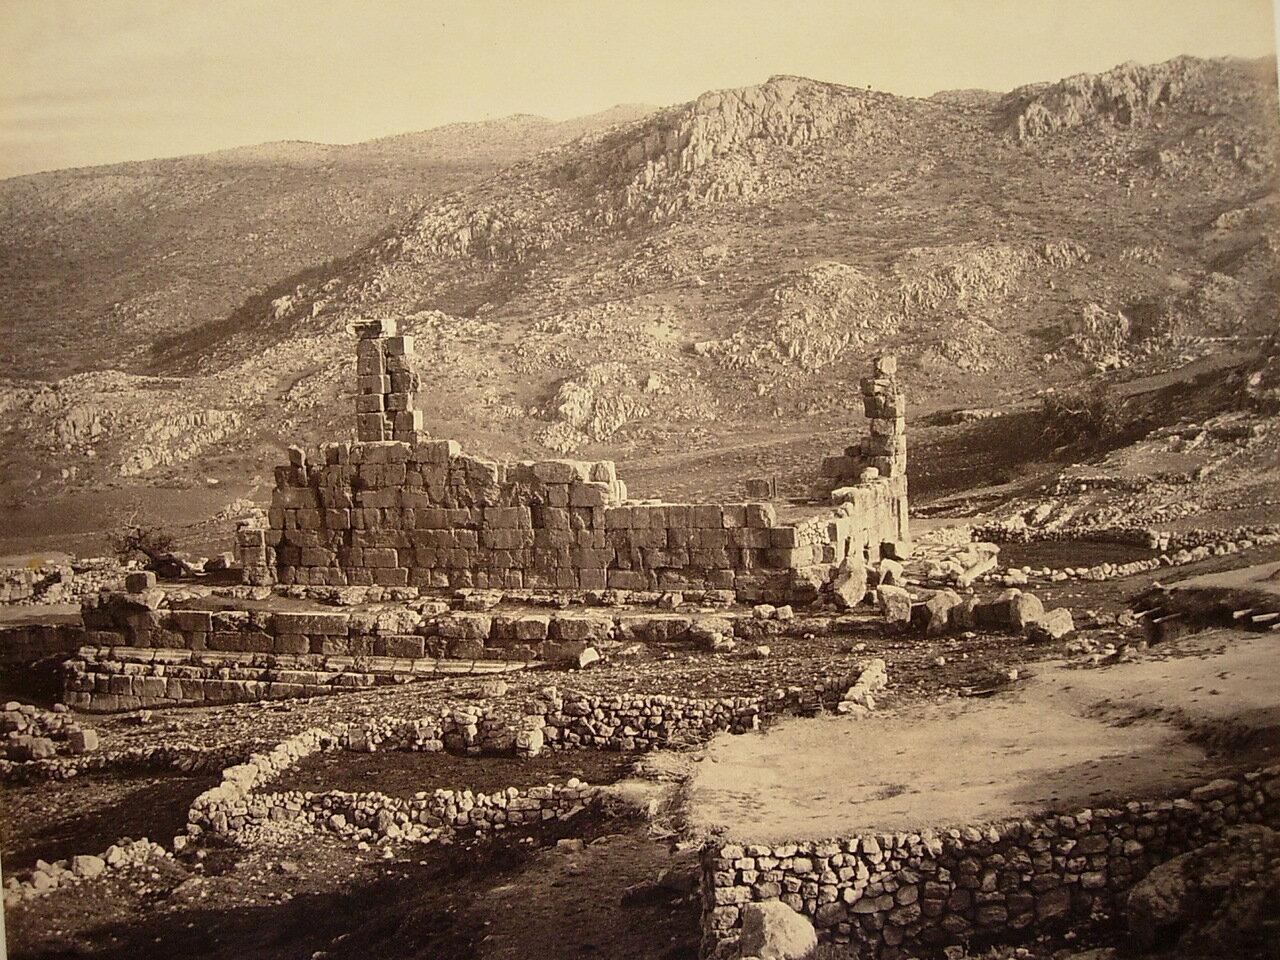 27 апреля 1862. Дейр аль-Ашари, Бекаа, Ливан